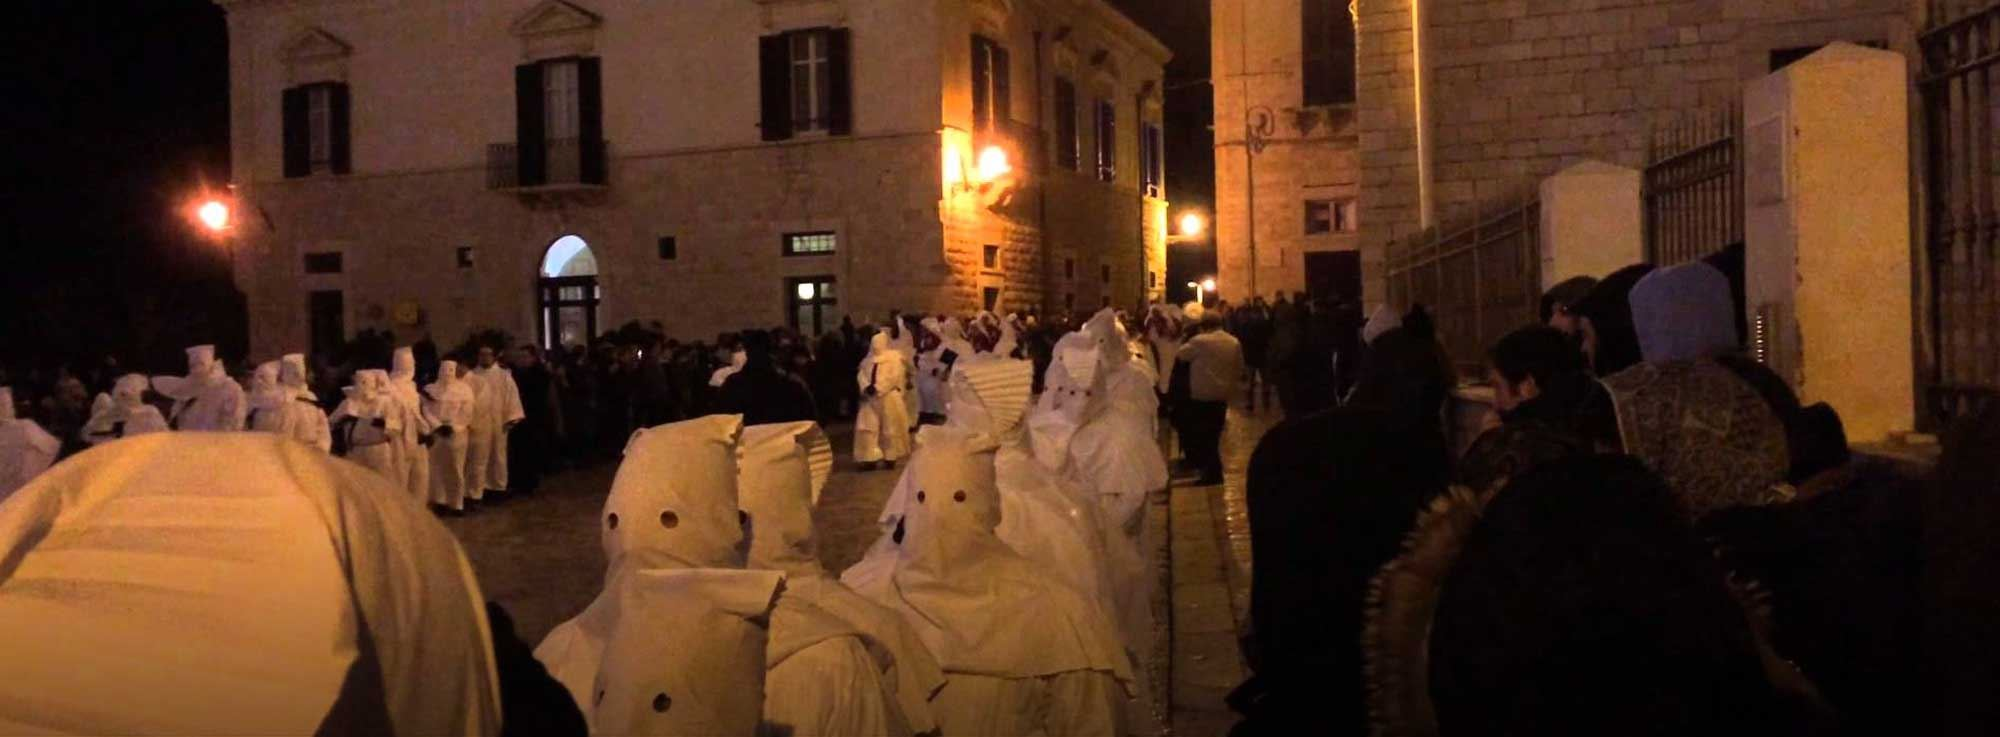 Trani: Riti della Settimana Santa - Processione dell'Addolorata